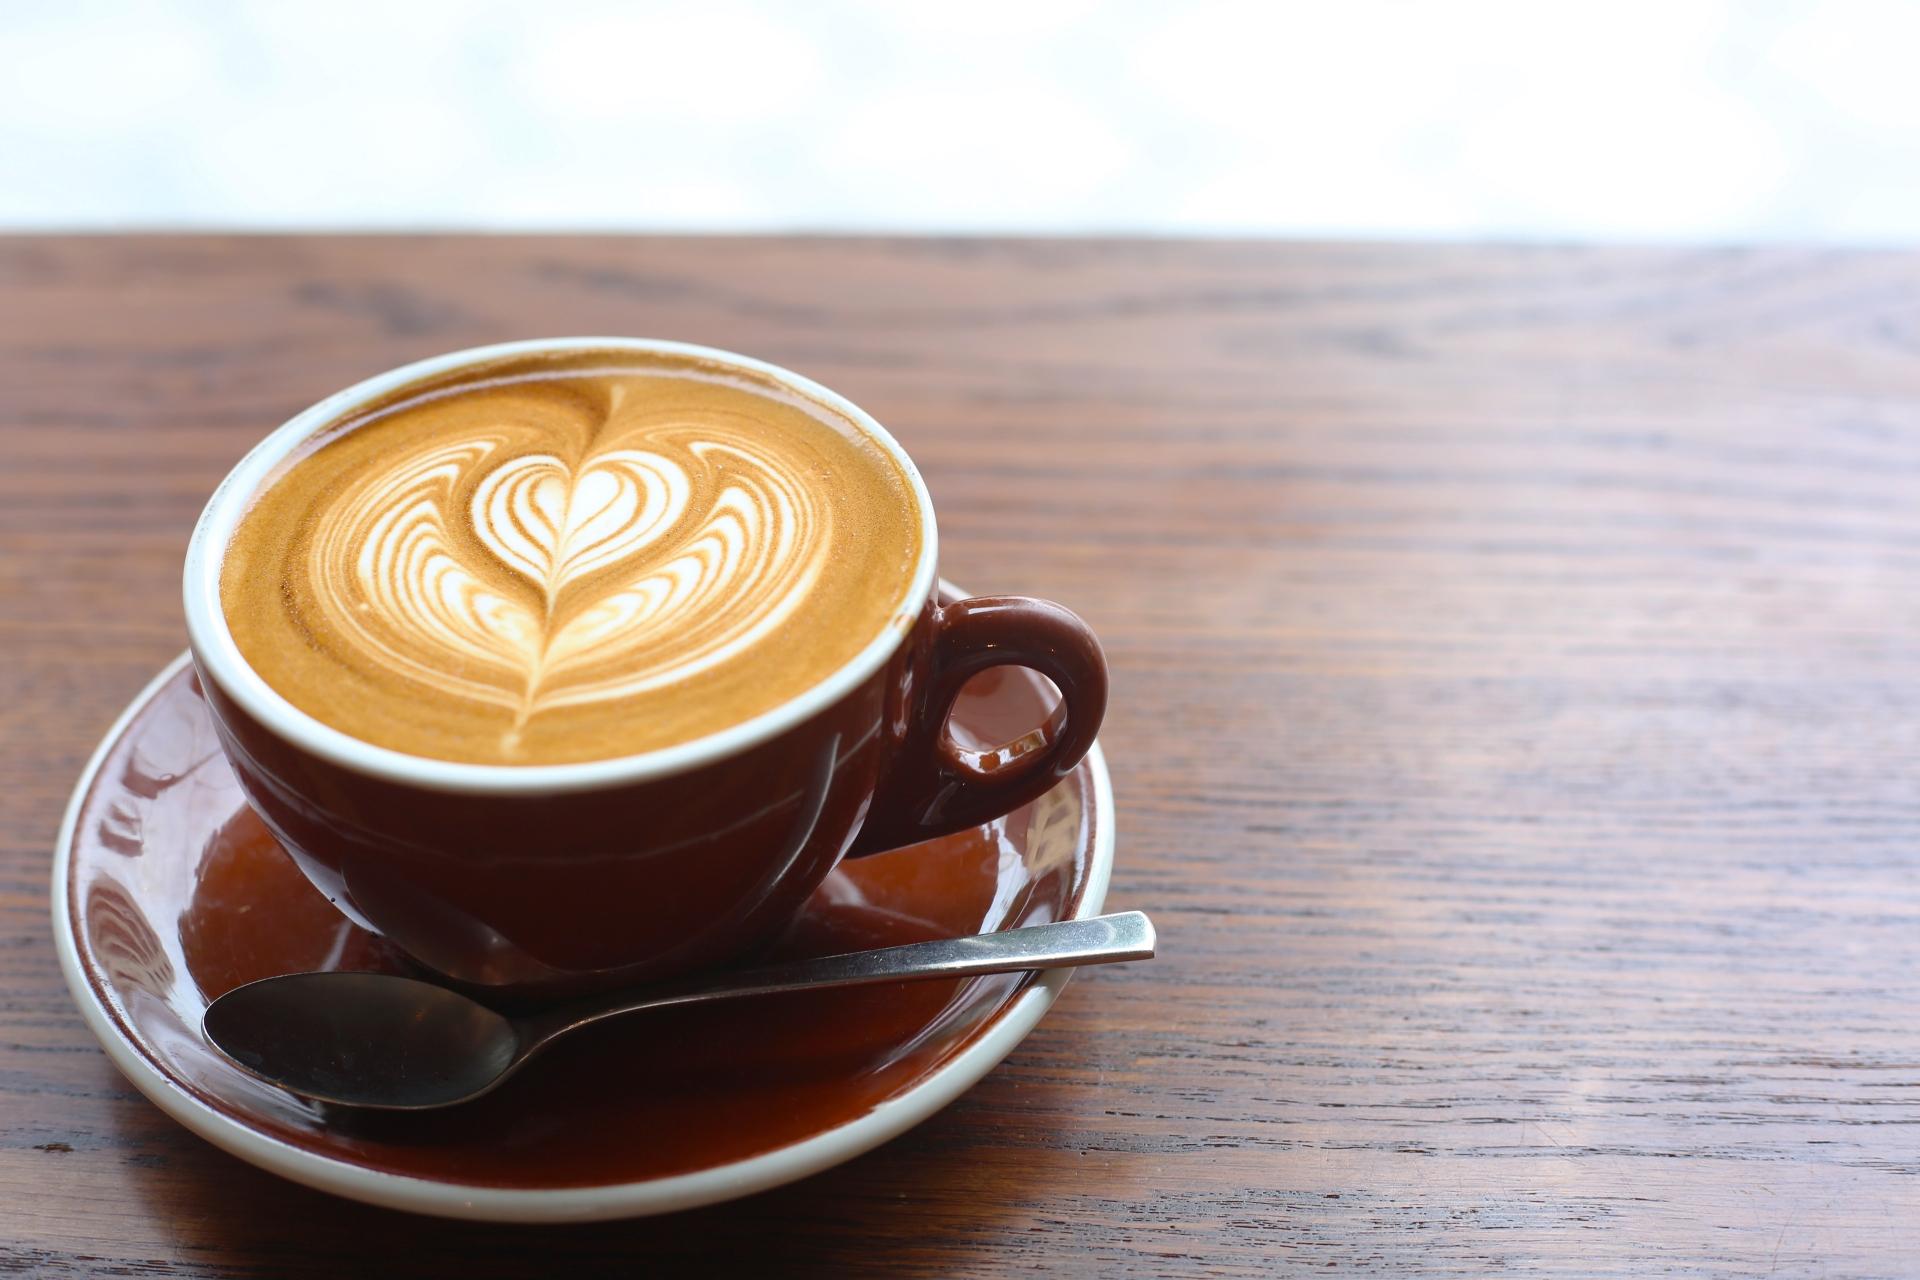 コーヒー資格一覧